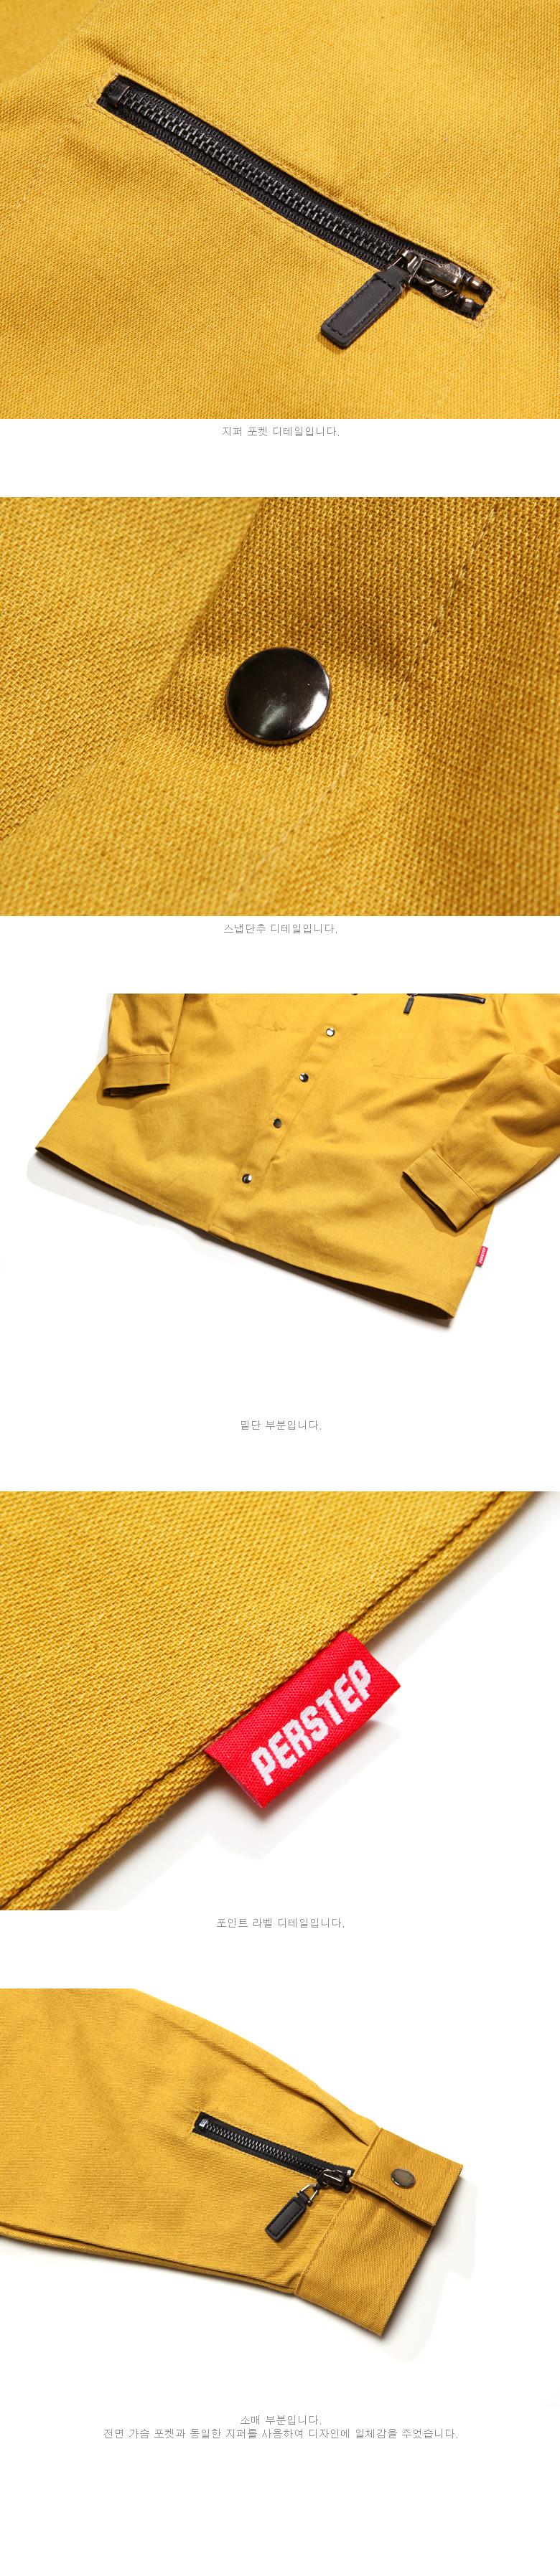 20180214_ps_roper_shirt_mustard_uk_03.jpg